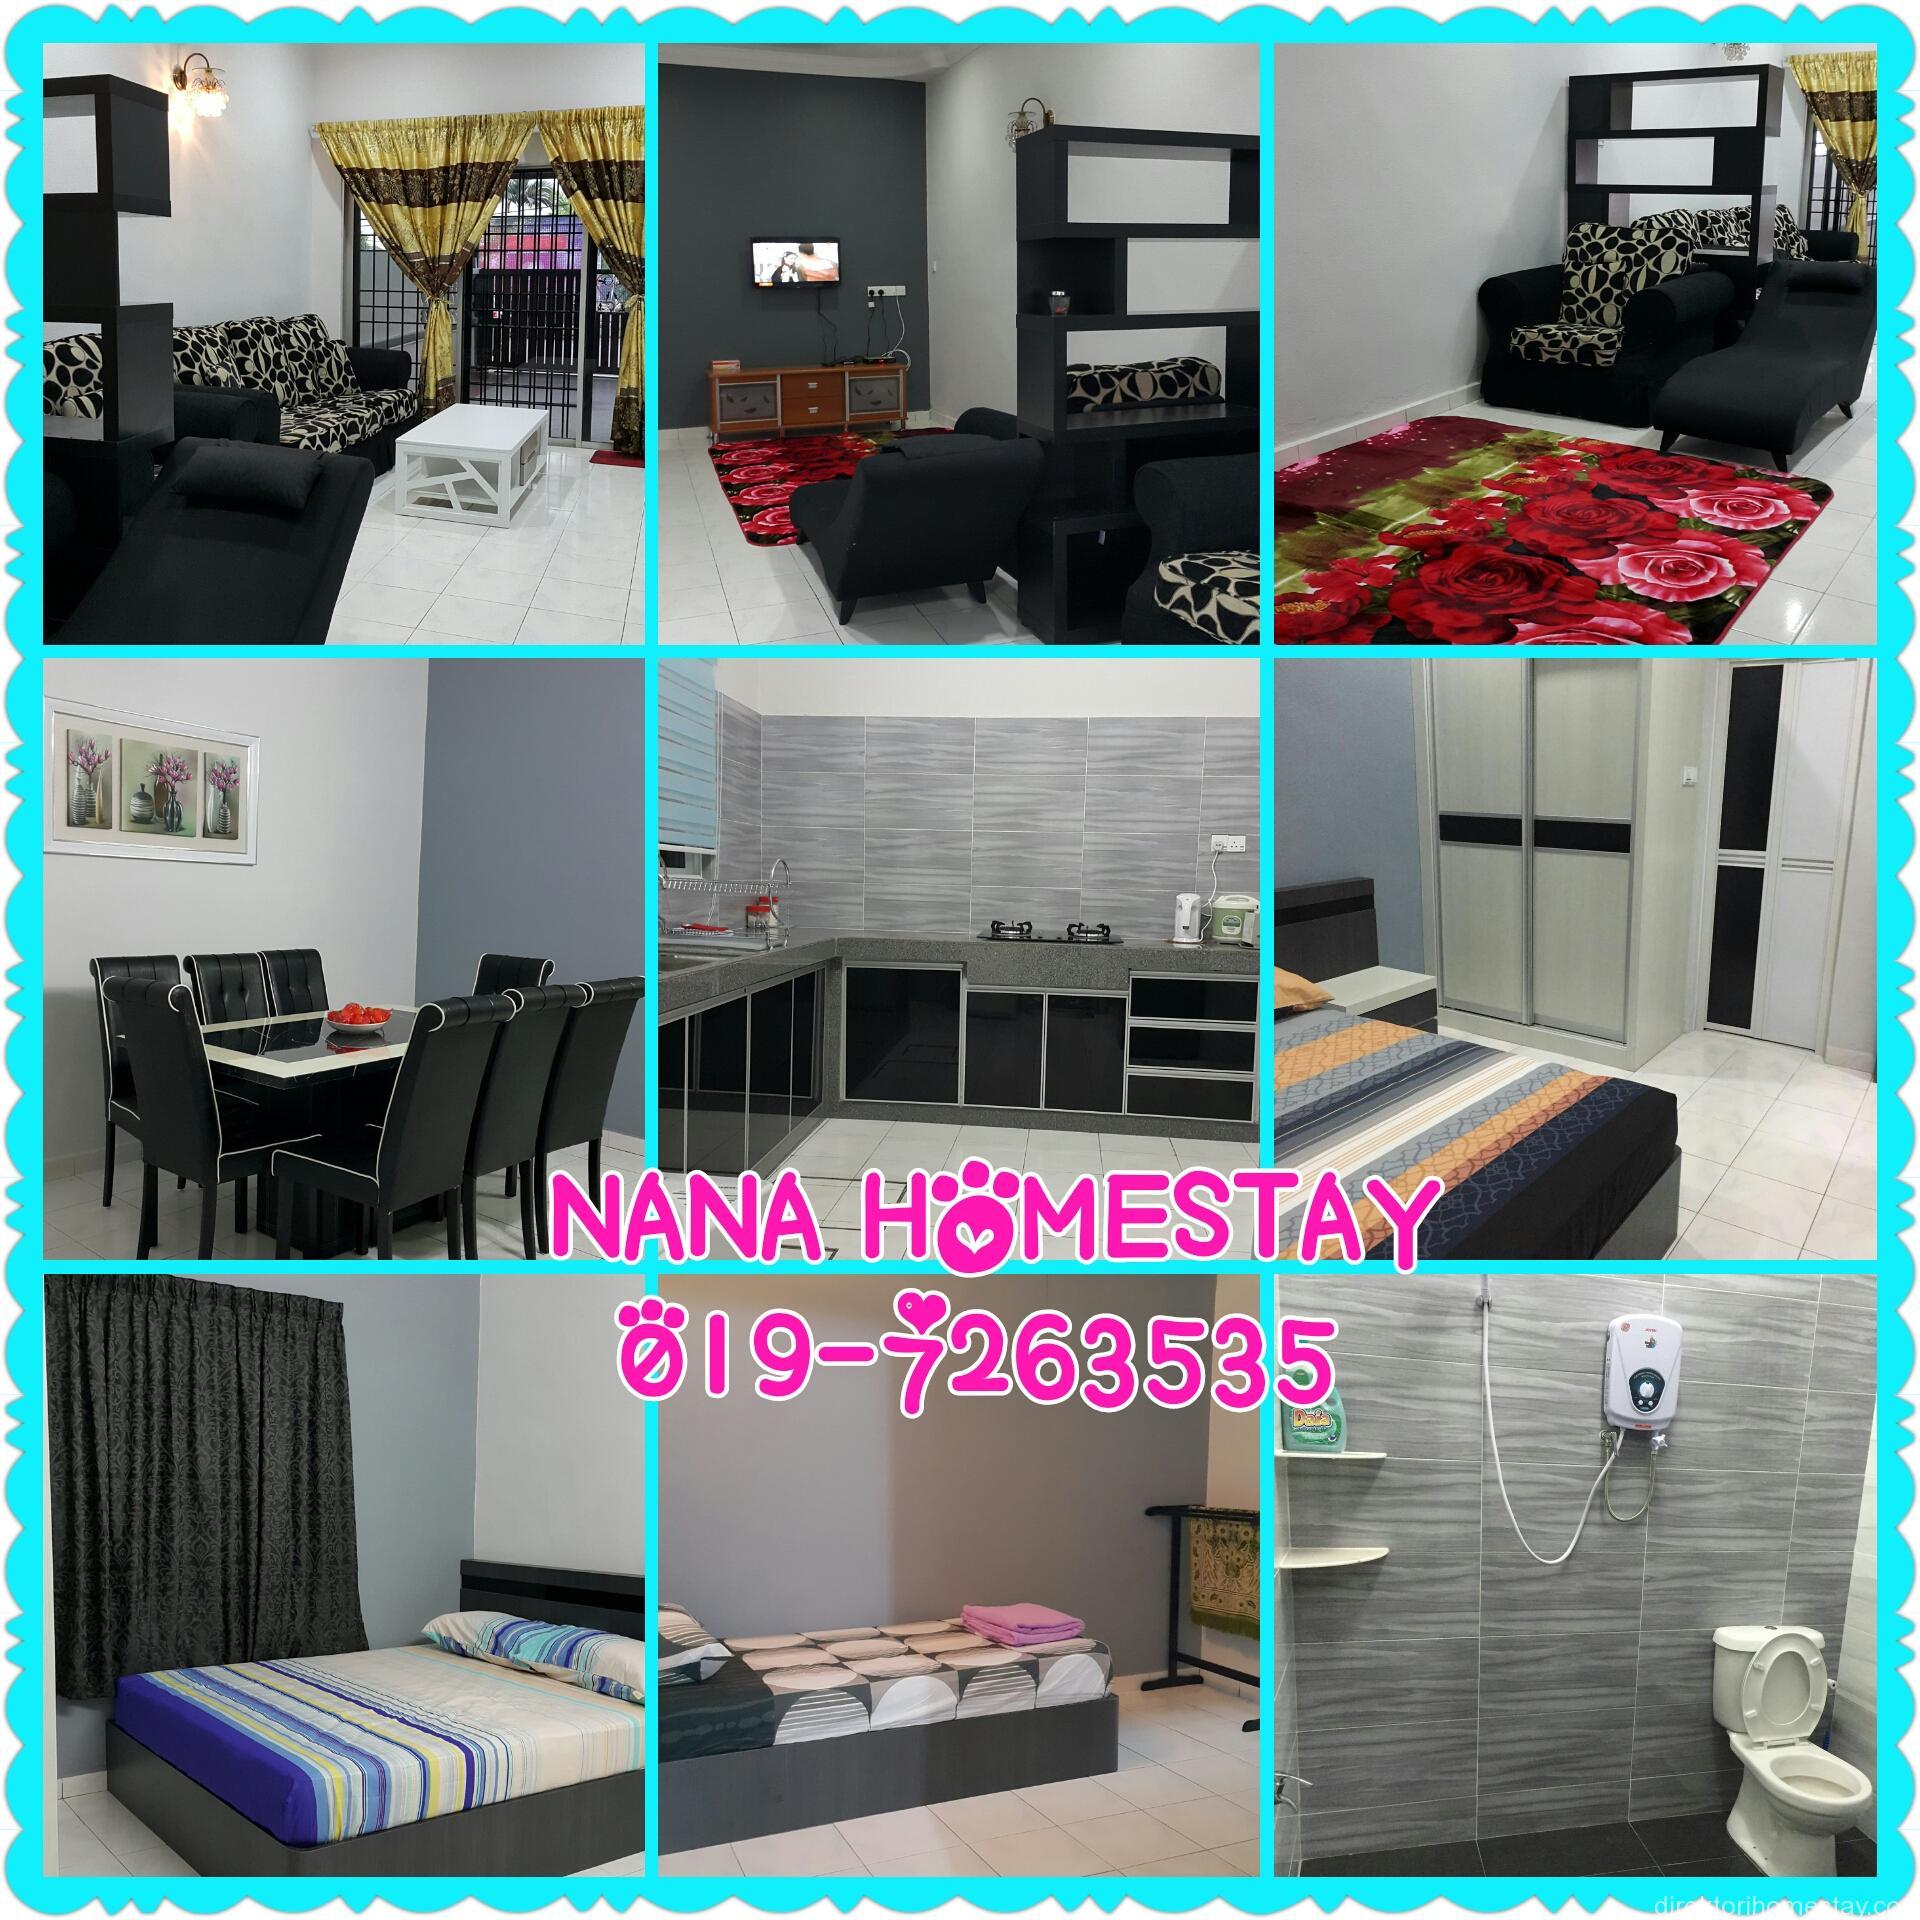 nana-hstay